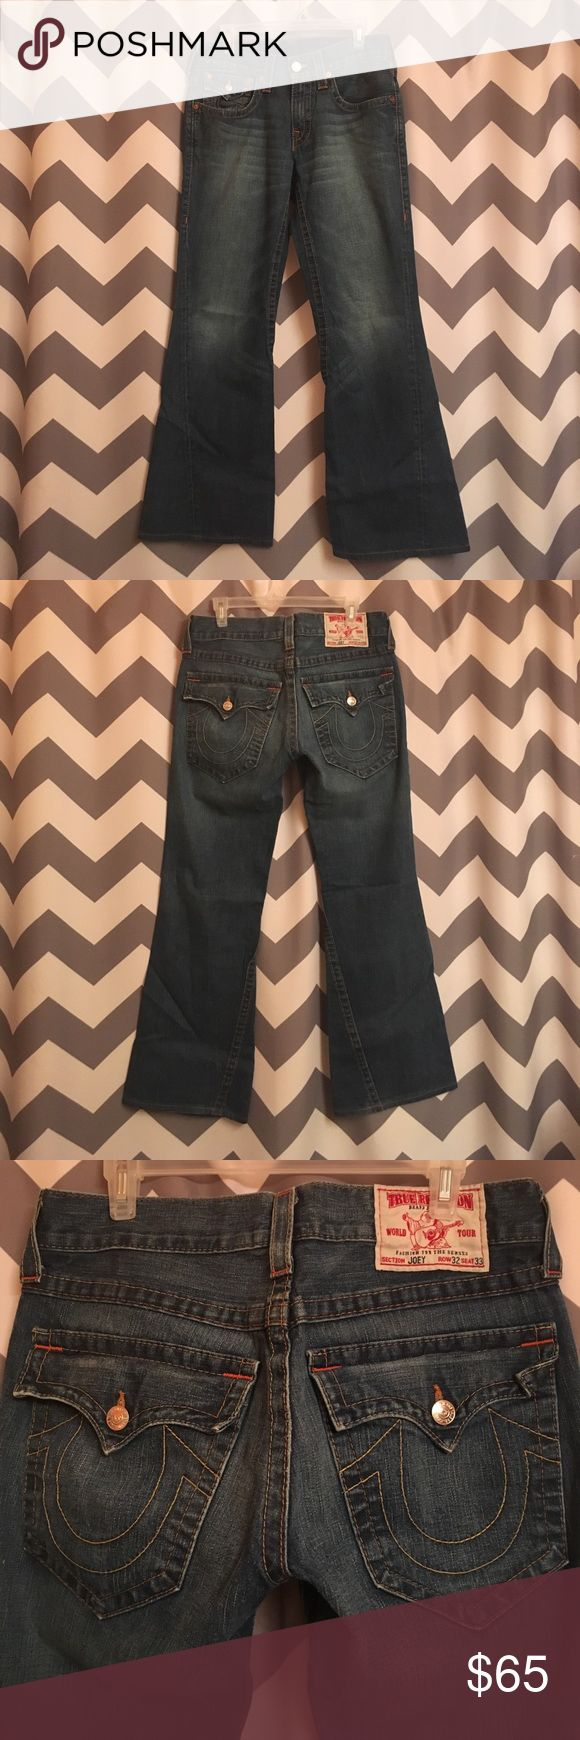 True Religion Joey jeans Men's 32 waist 31 length True Religion Joey jeans Men's 32 waist 31 length True Religion Jeans Bootcut